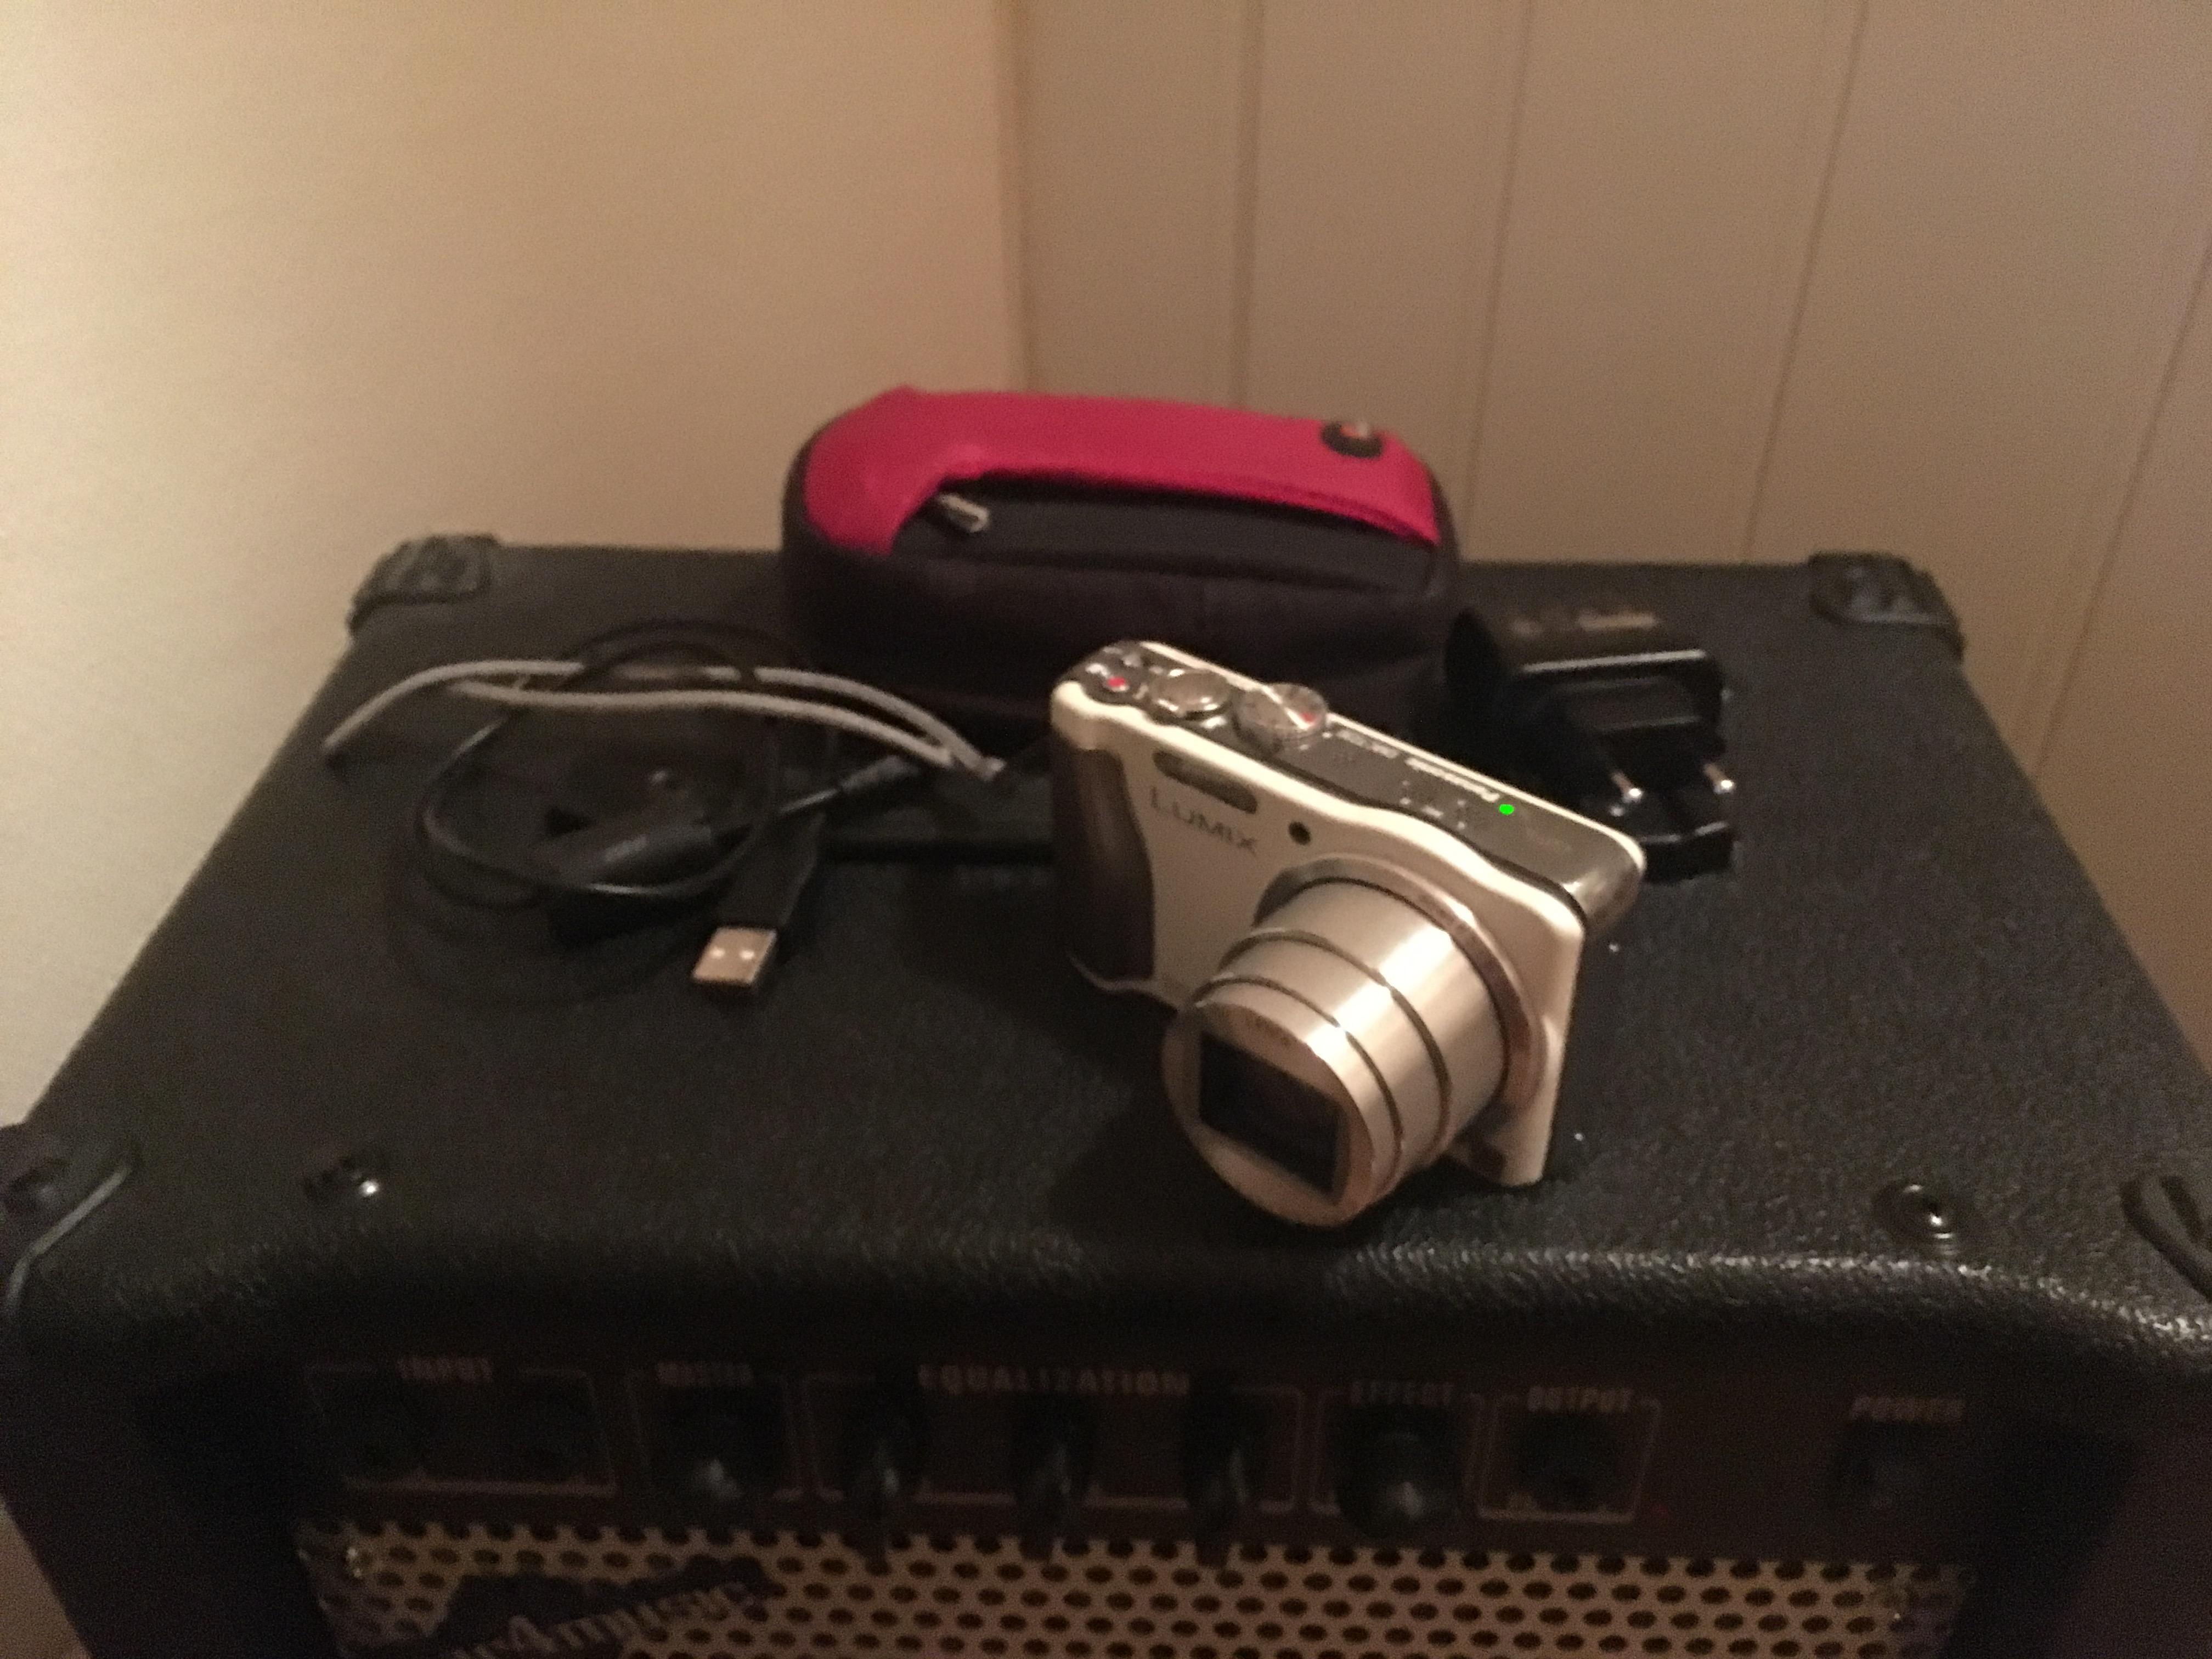 troc de troc Échange appareil photo numérique panasonic contre un vidéo projec image 2